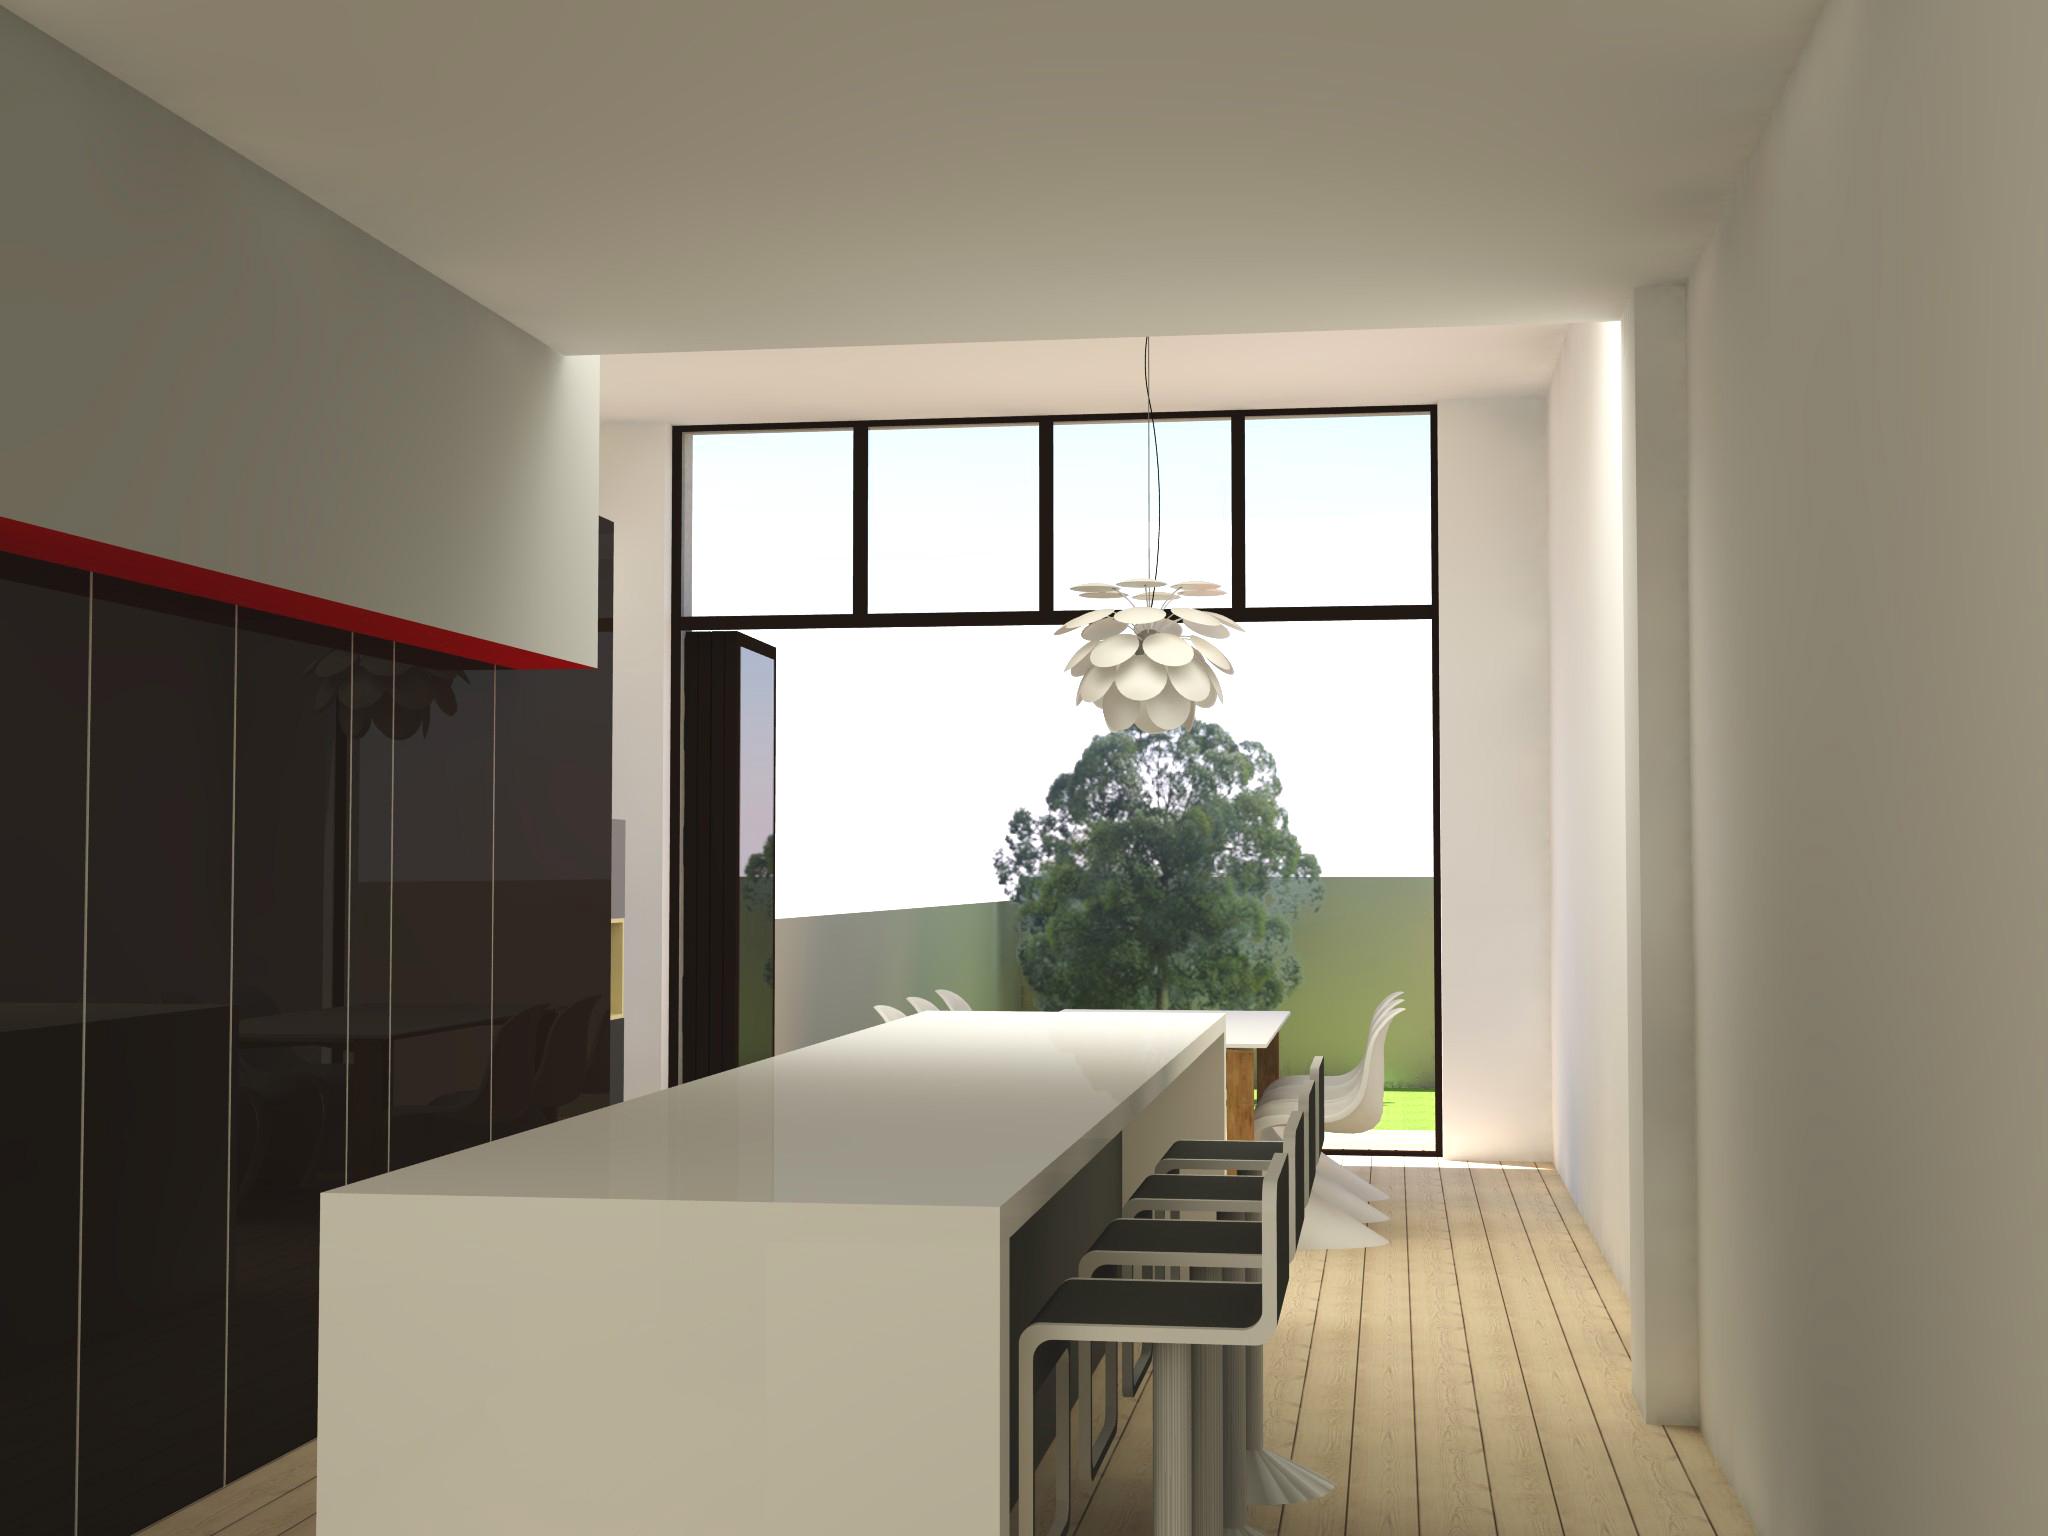 vanhollemeersch 3D-open 2014-12-01 11221000000